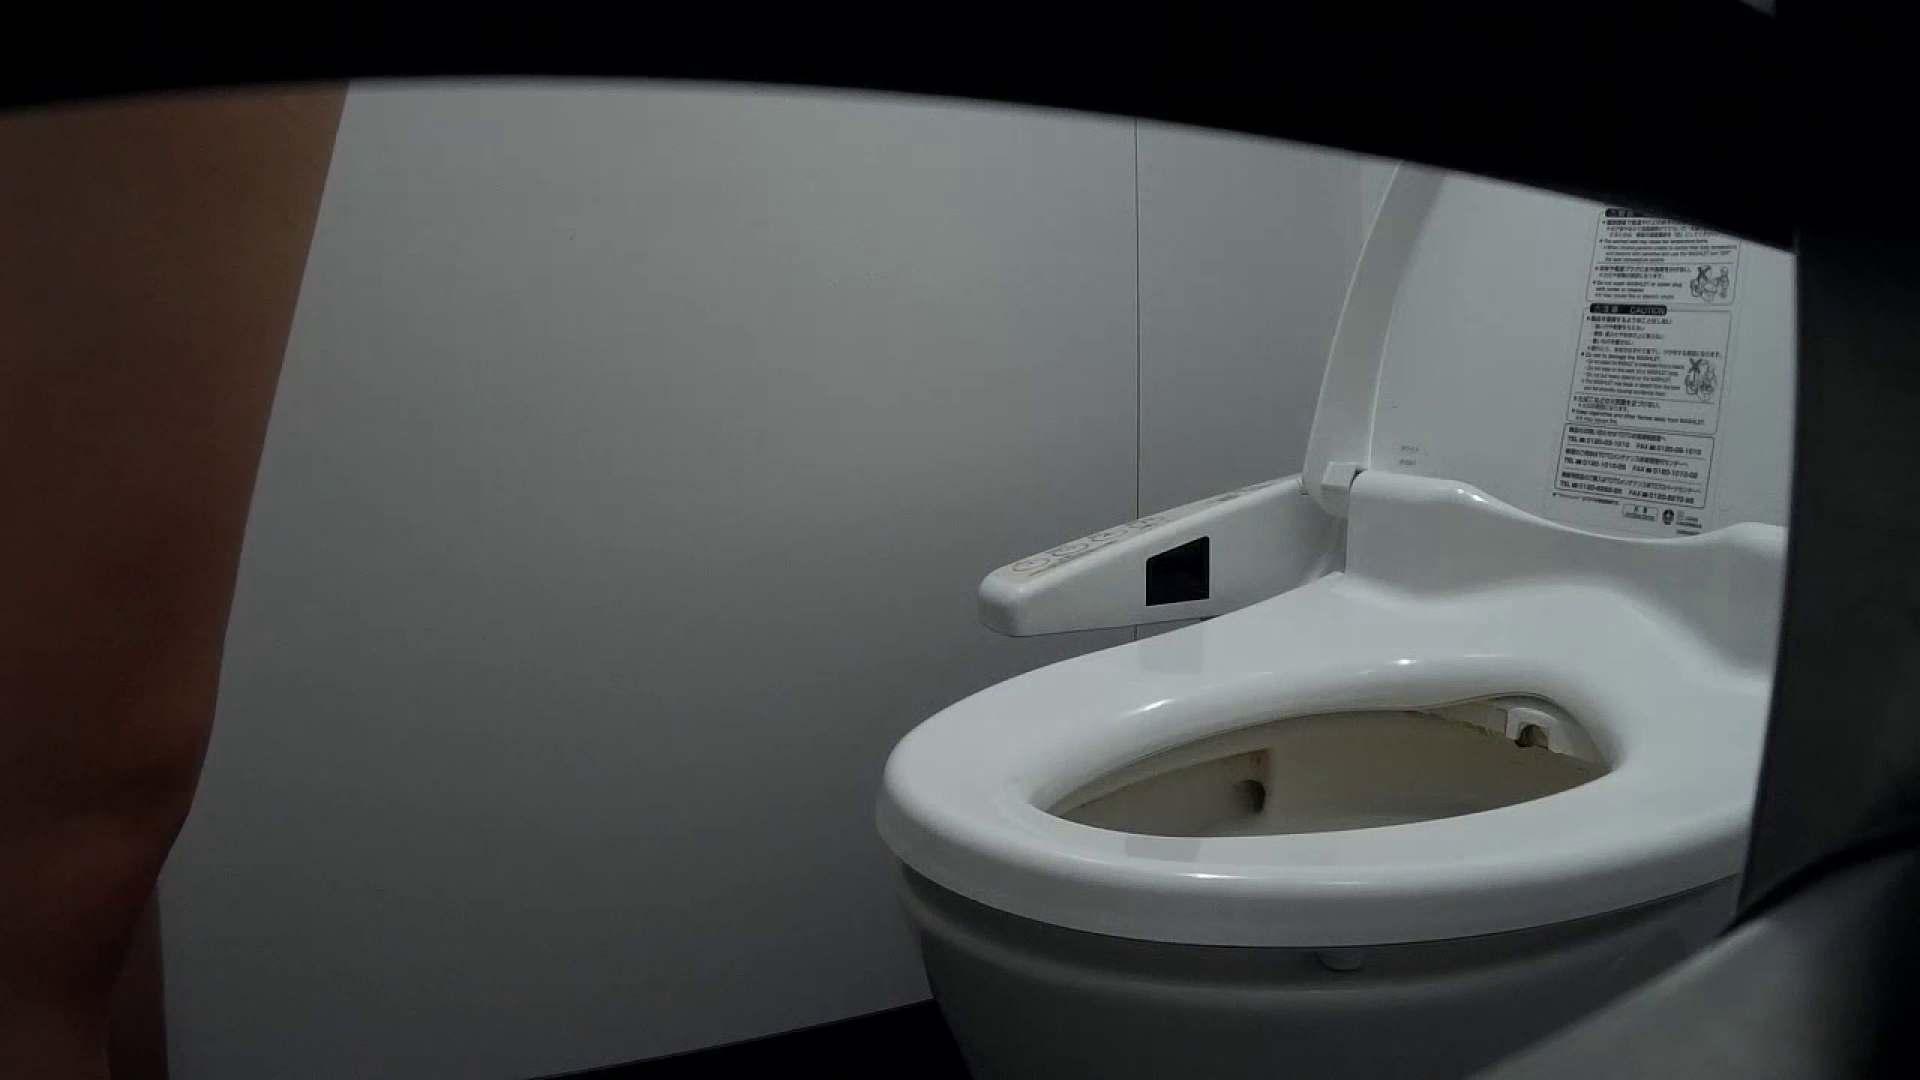 無修正おまんこ動画|有名大学女性洗面所 vol.47 あらっ!パンツやっちゃいましたね。|怪盗ジョーカー